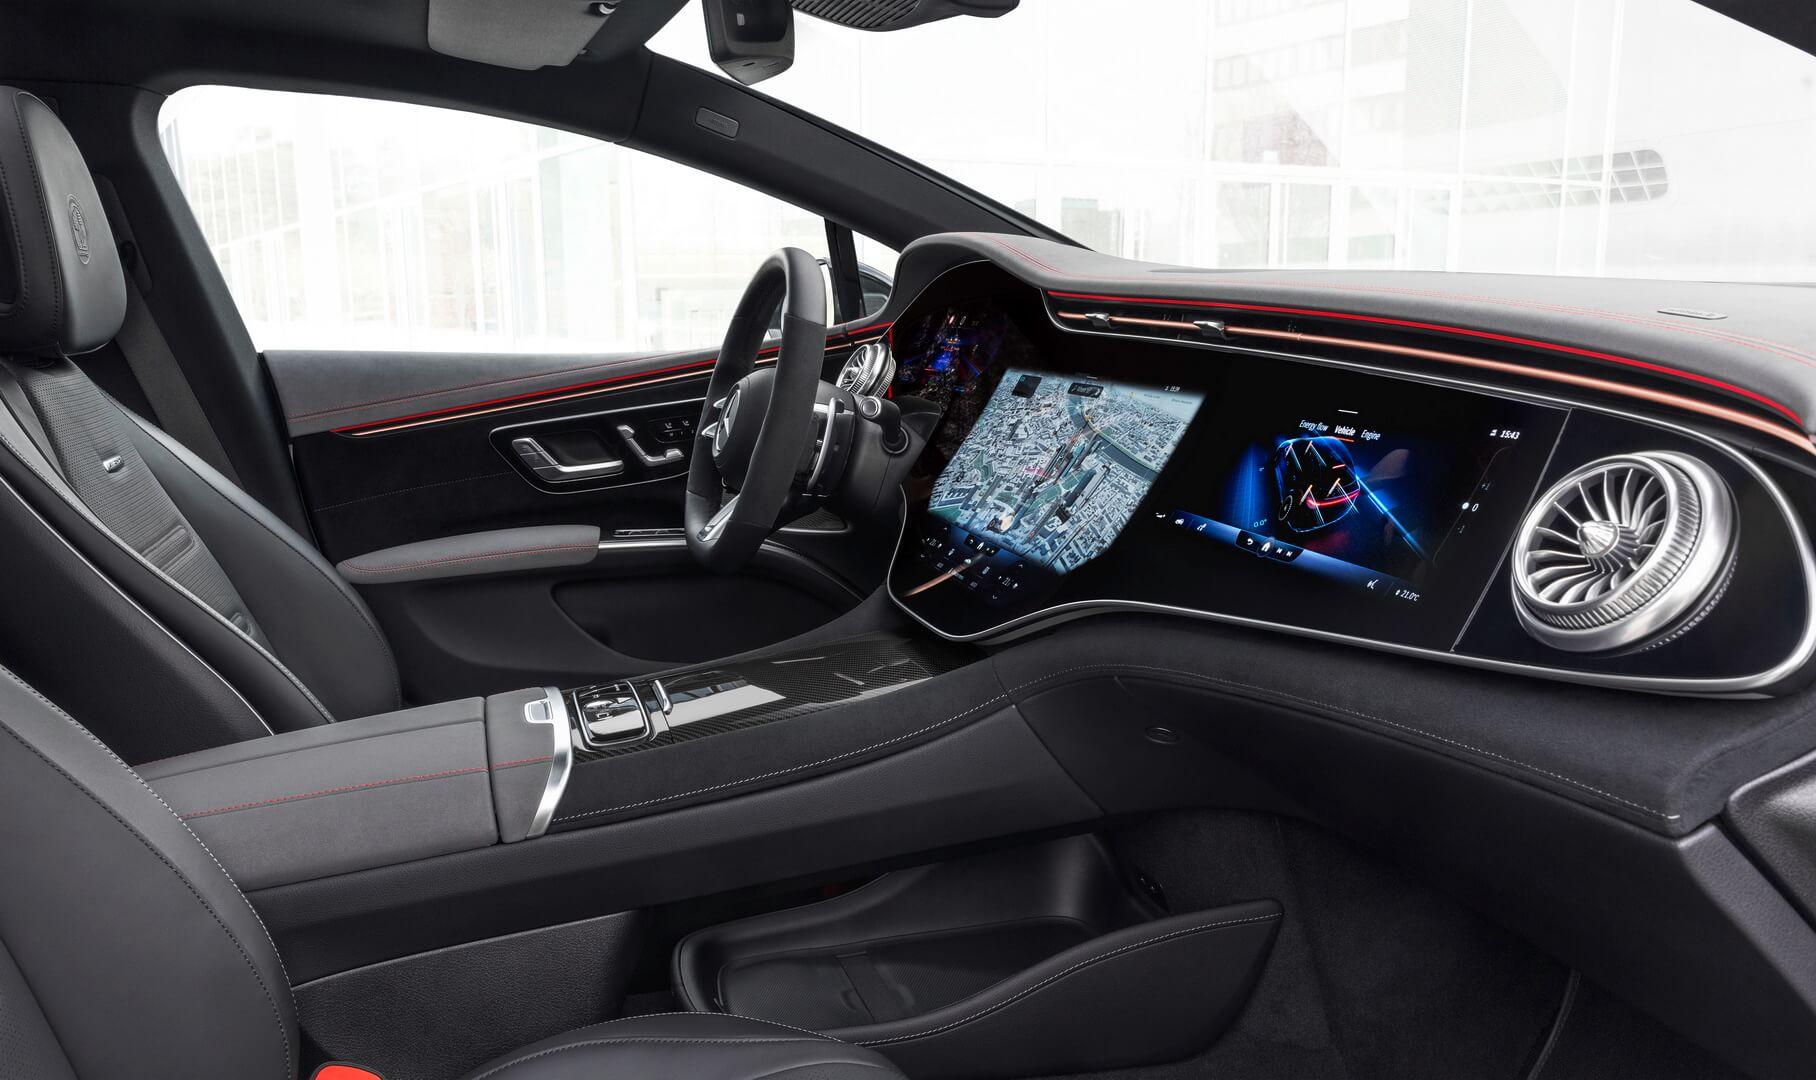 Интерьер нового электромобиля Mercedes-AMG EQS 53 4MATIC+